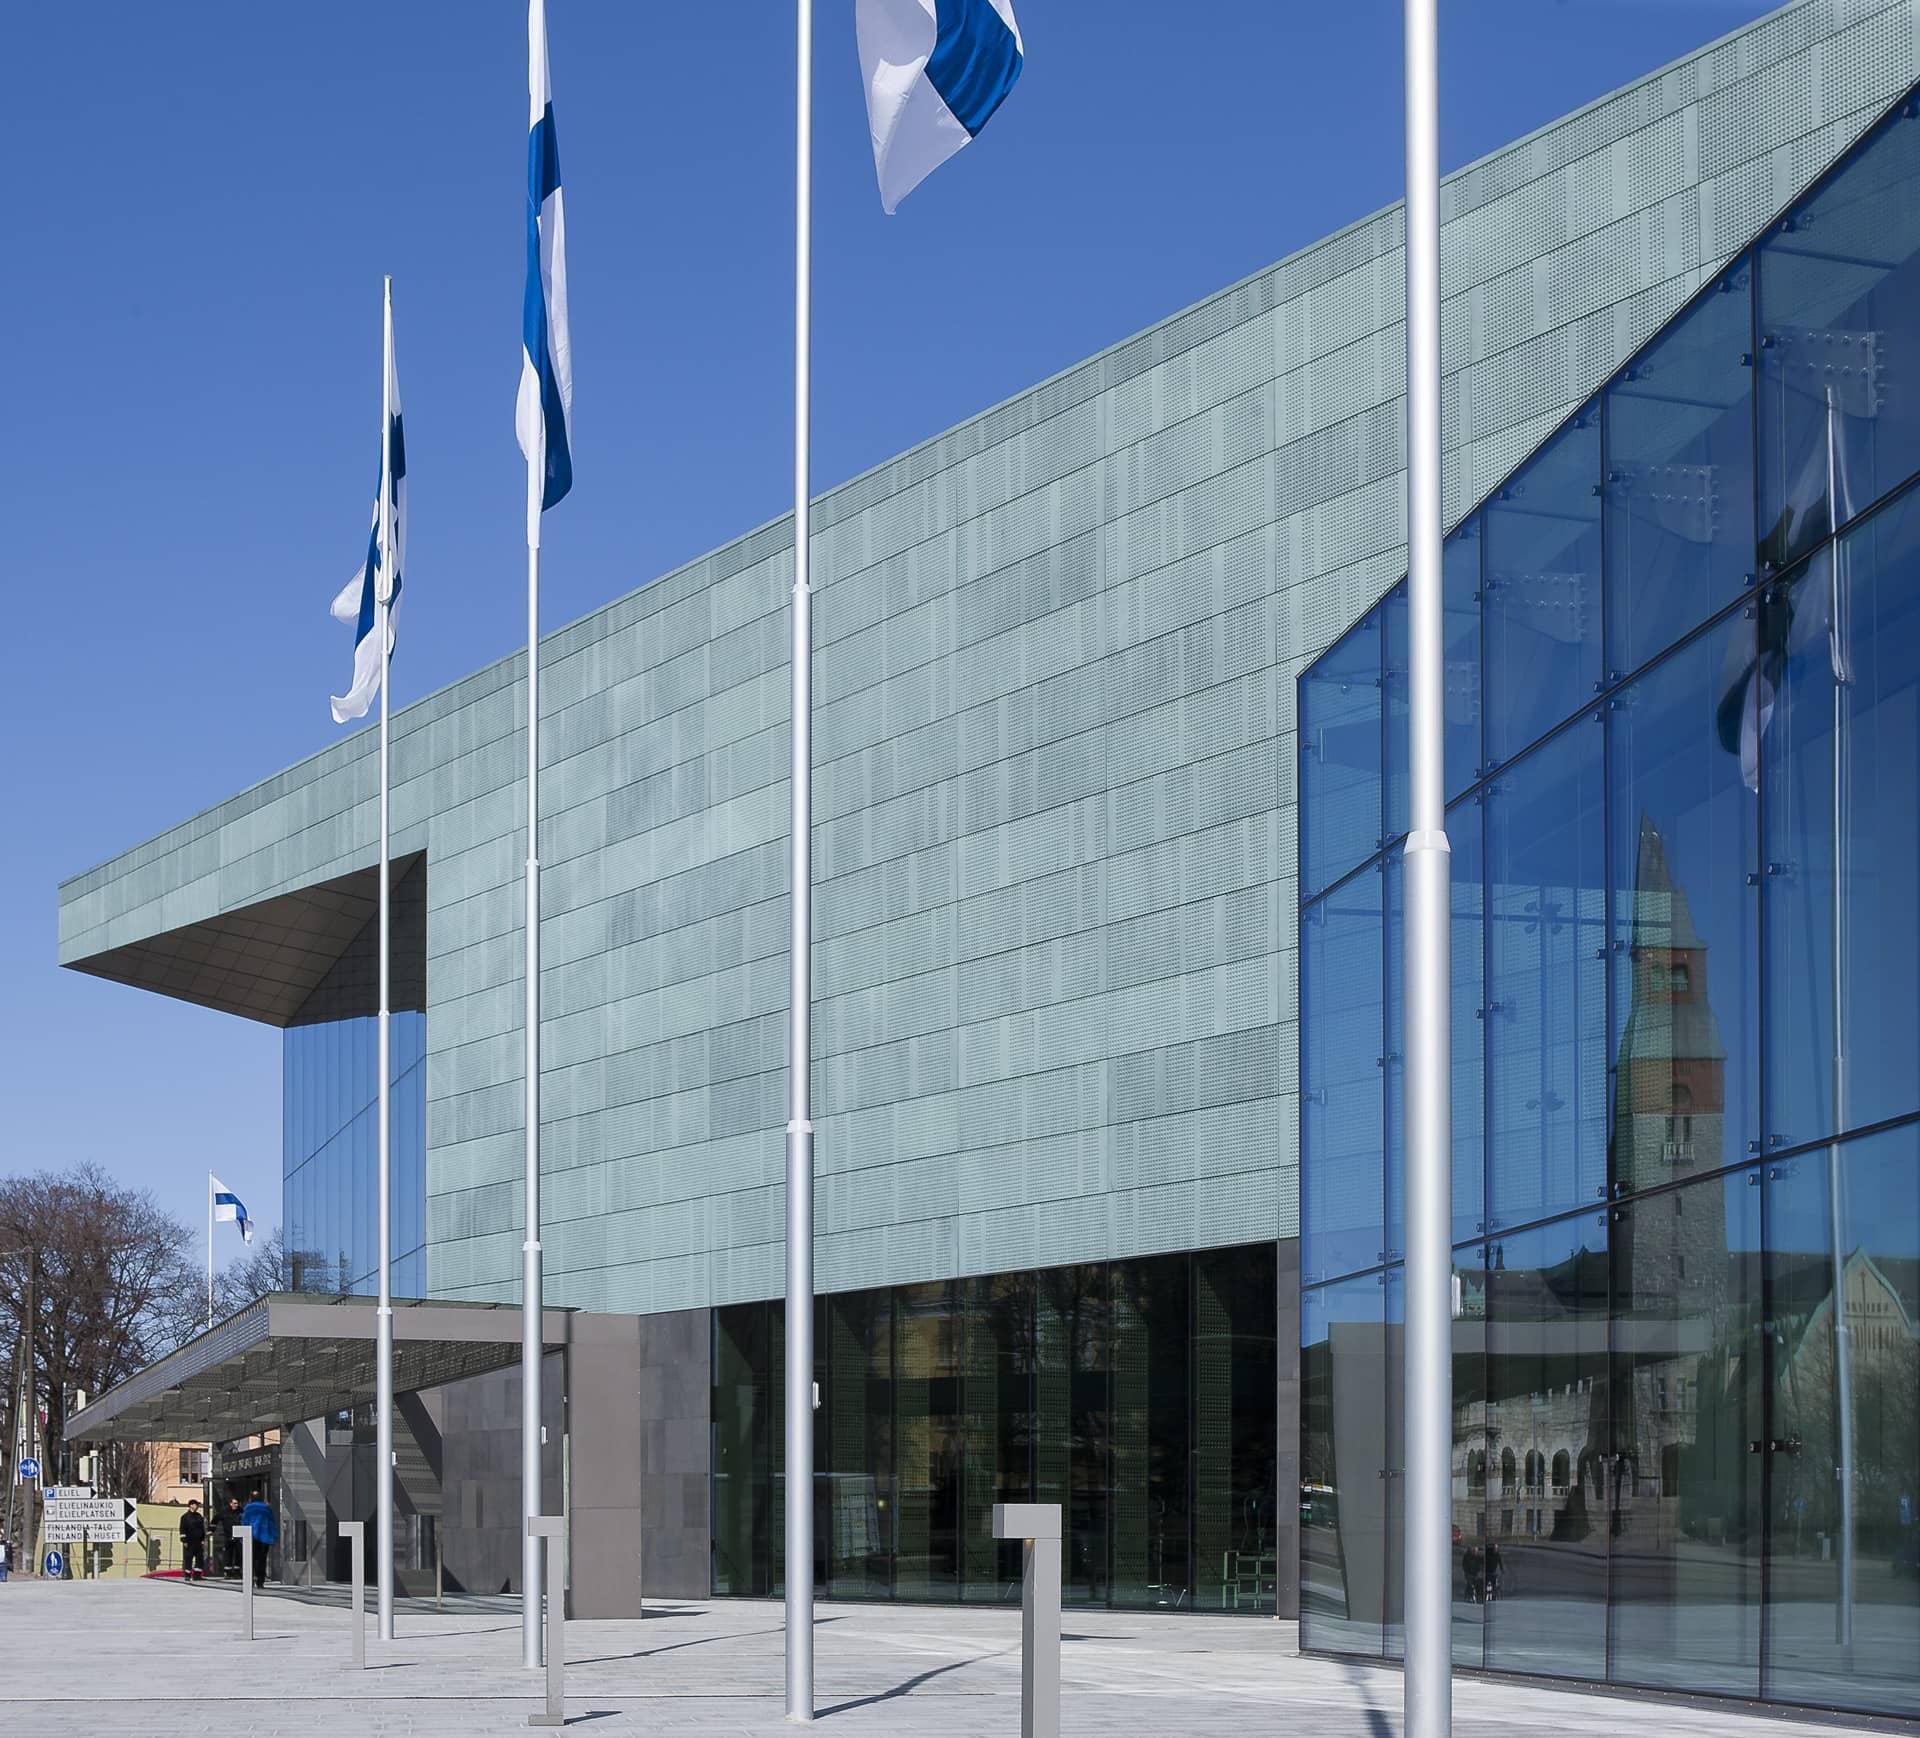 Musiikkitalo Helsinki